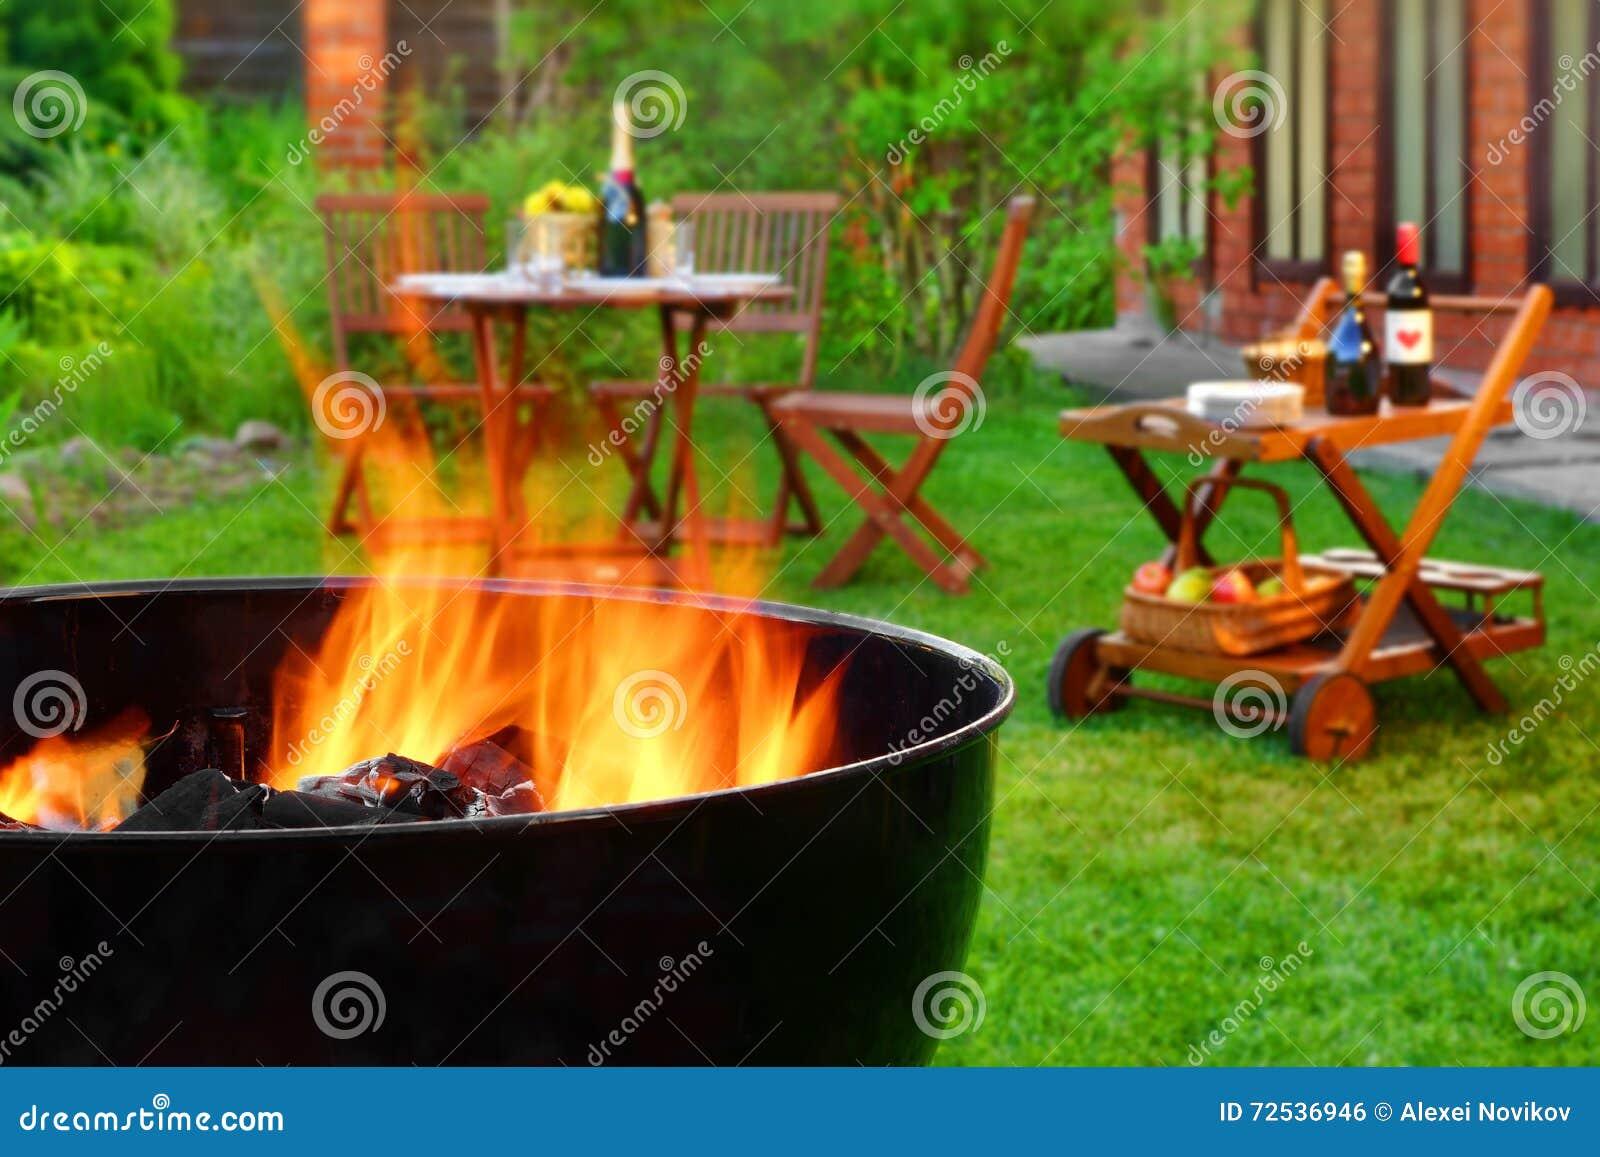 Plats för sommarhelgBBQ med gallret på trädgårdträdgården